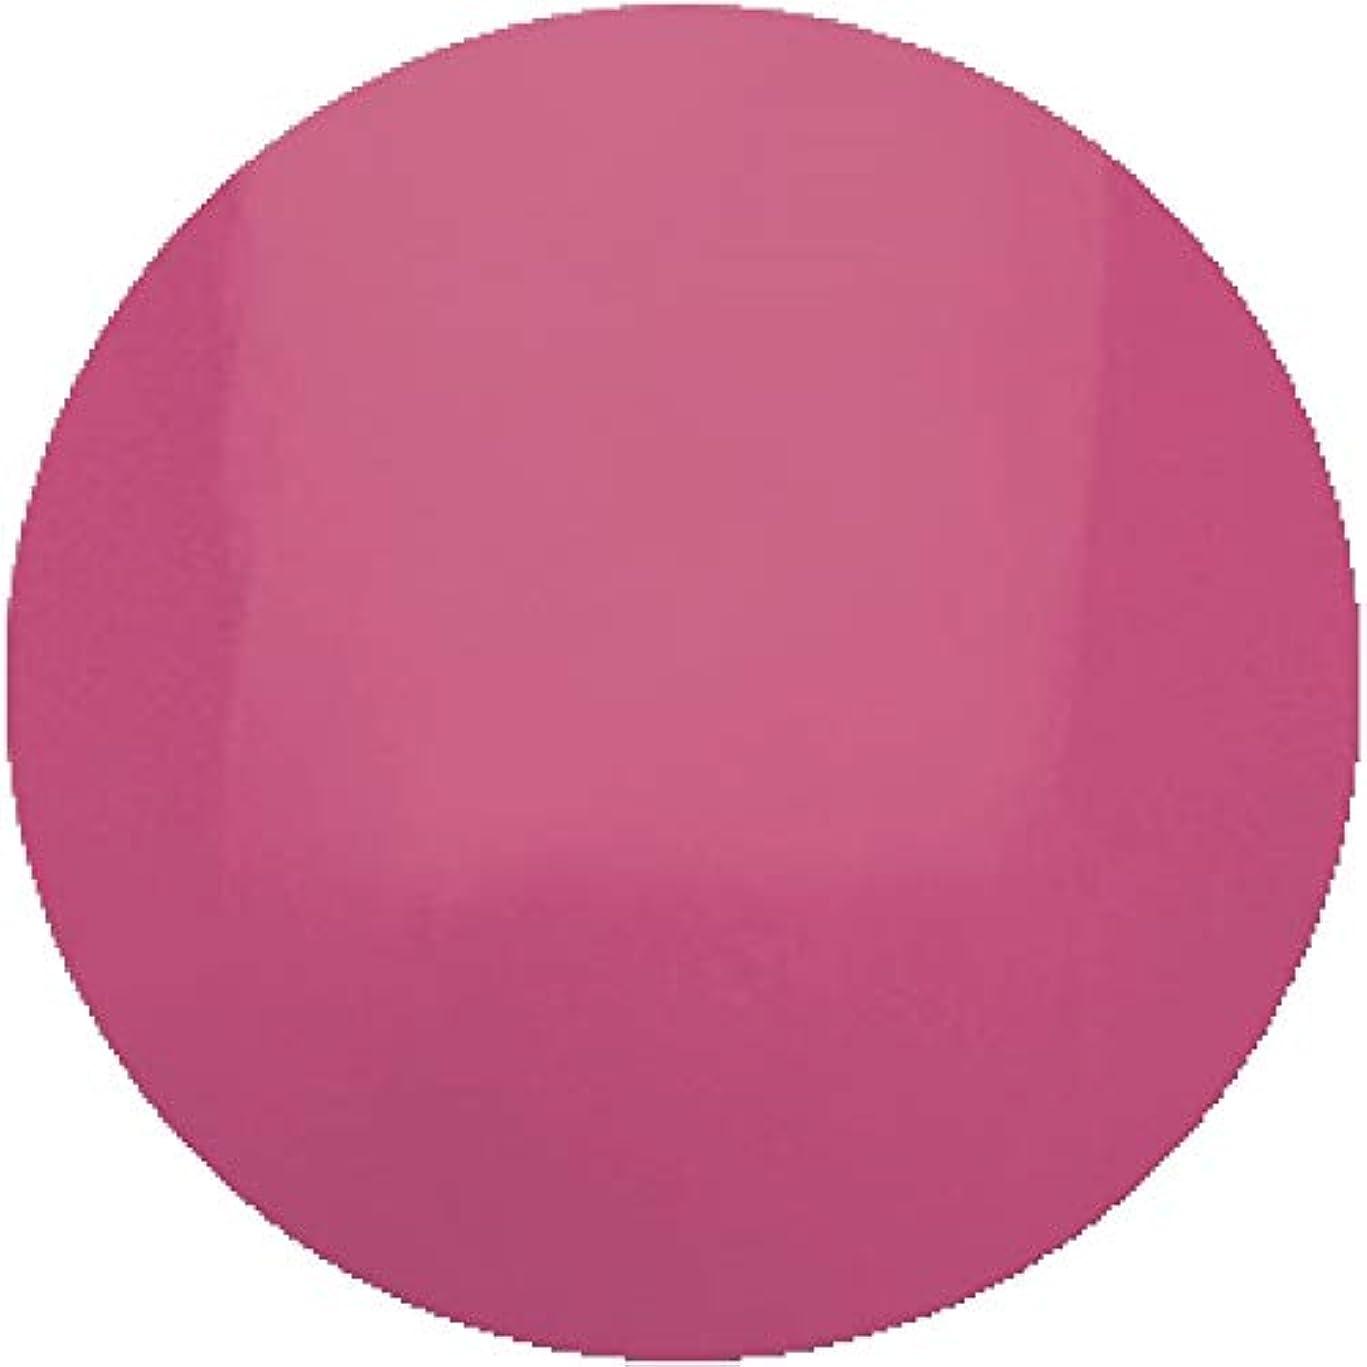 展示会きらめく代理店Entity One Color Couture Gel Polish - Chic in the City - 0.5oz / 15ml